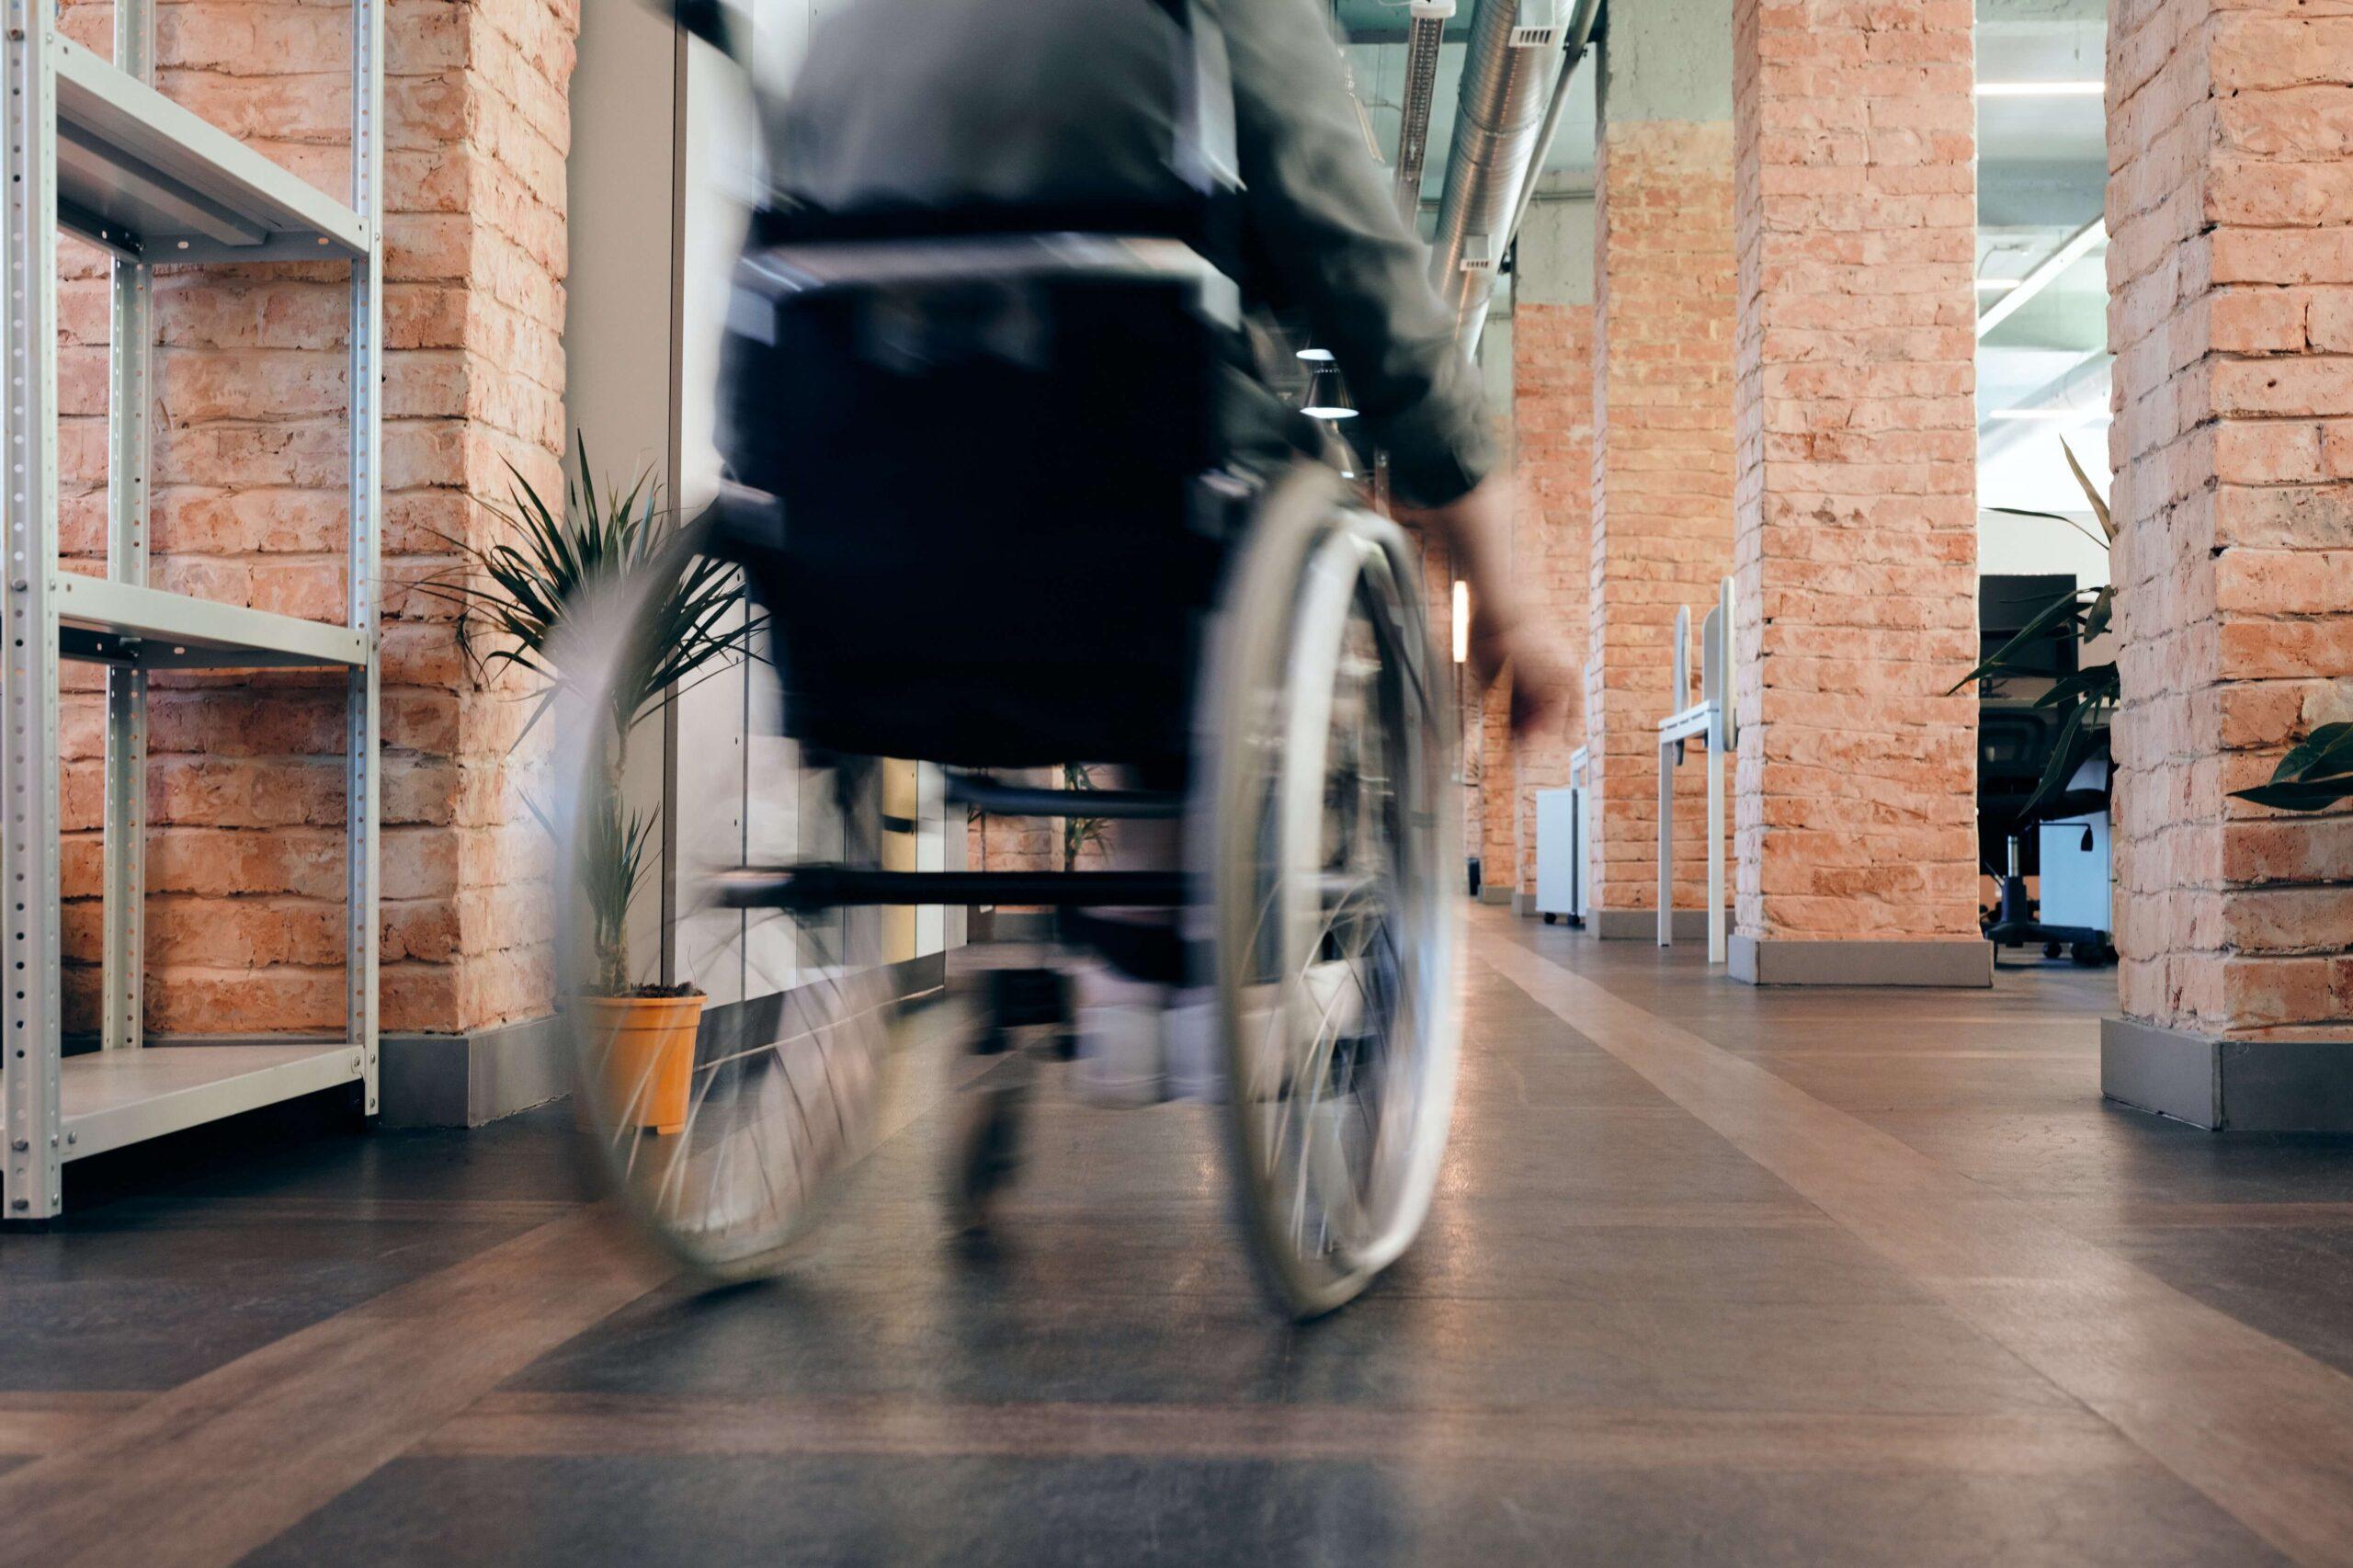 invalidità civile inps